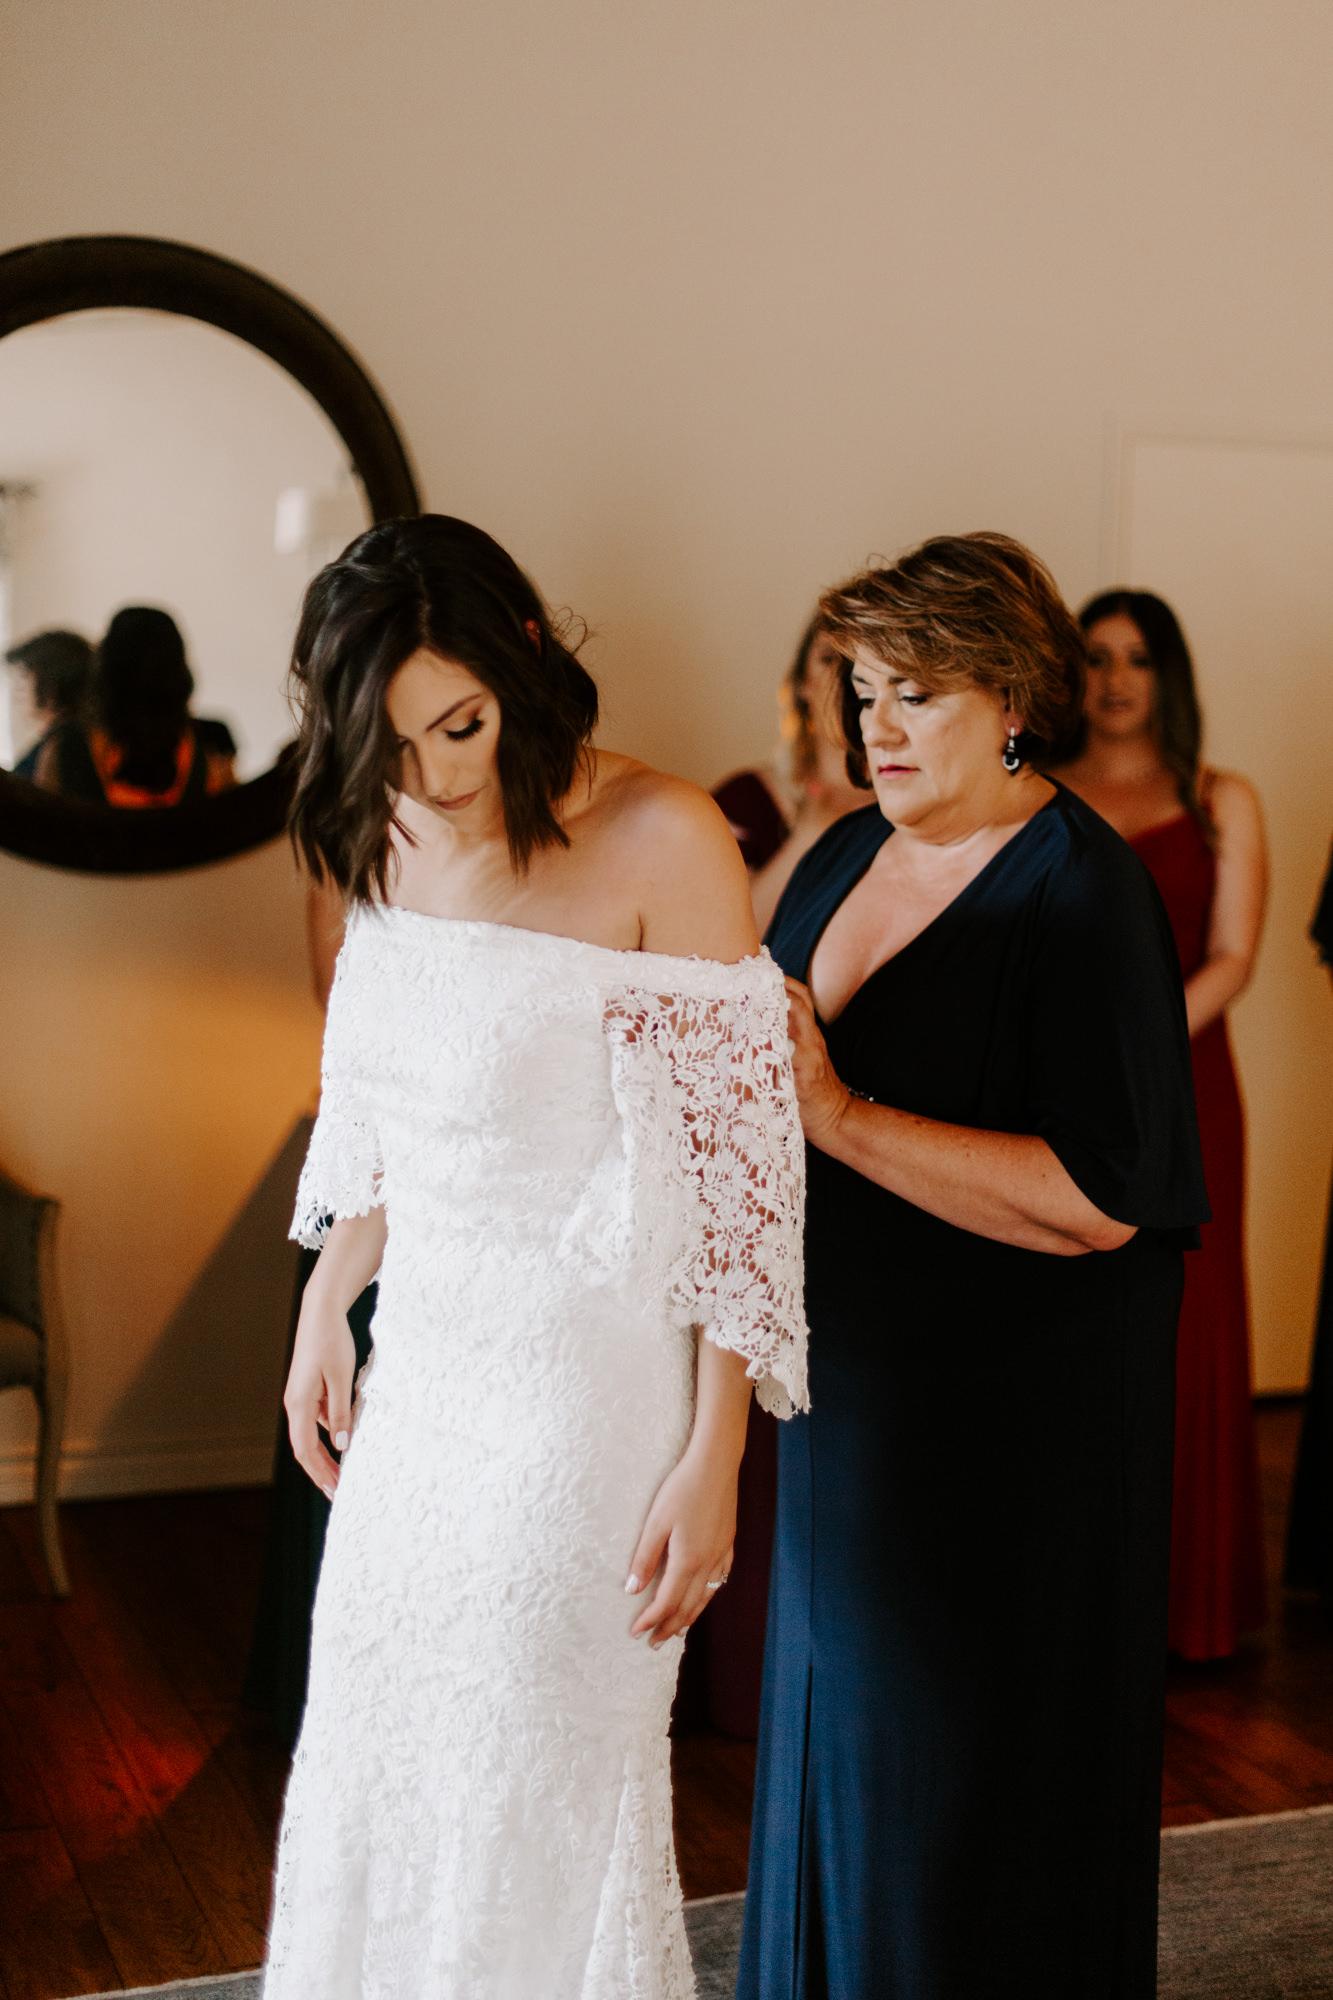 Rancho bernardo Inn san deigo wedding photography0016.jpg